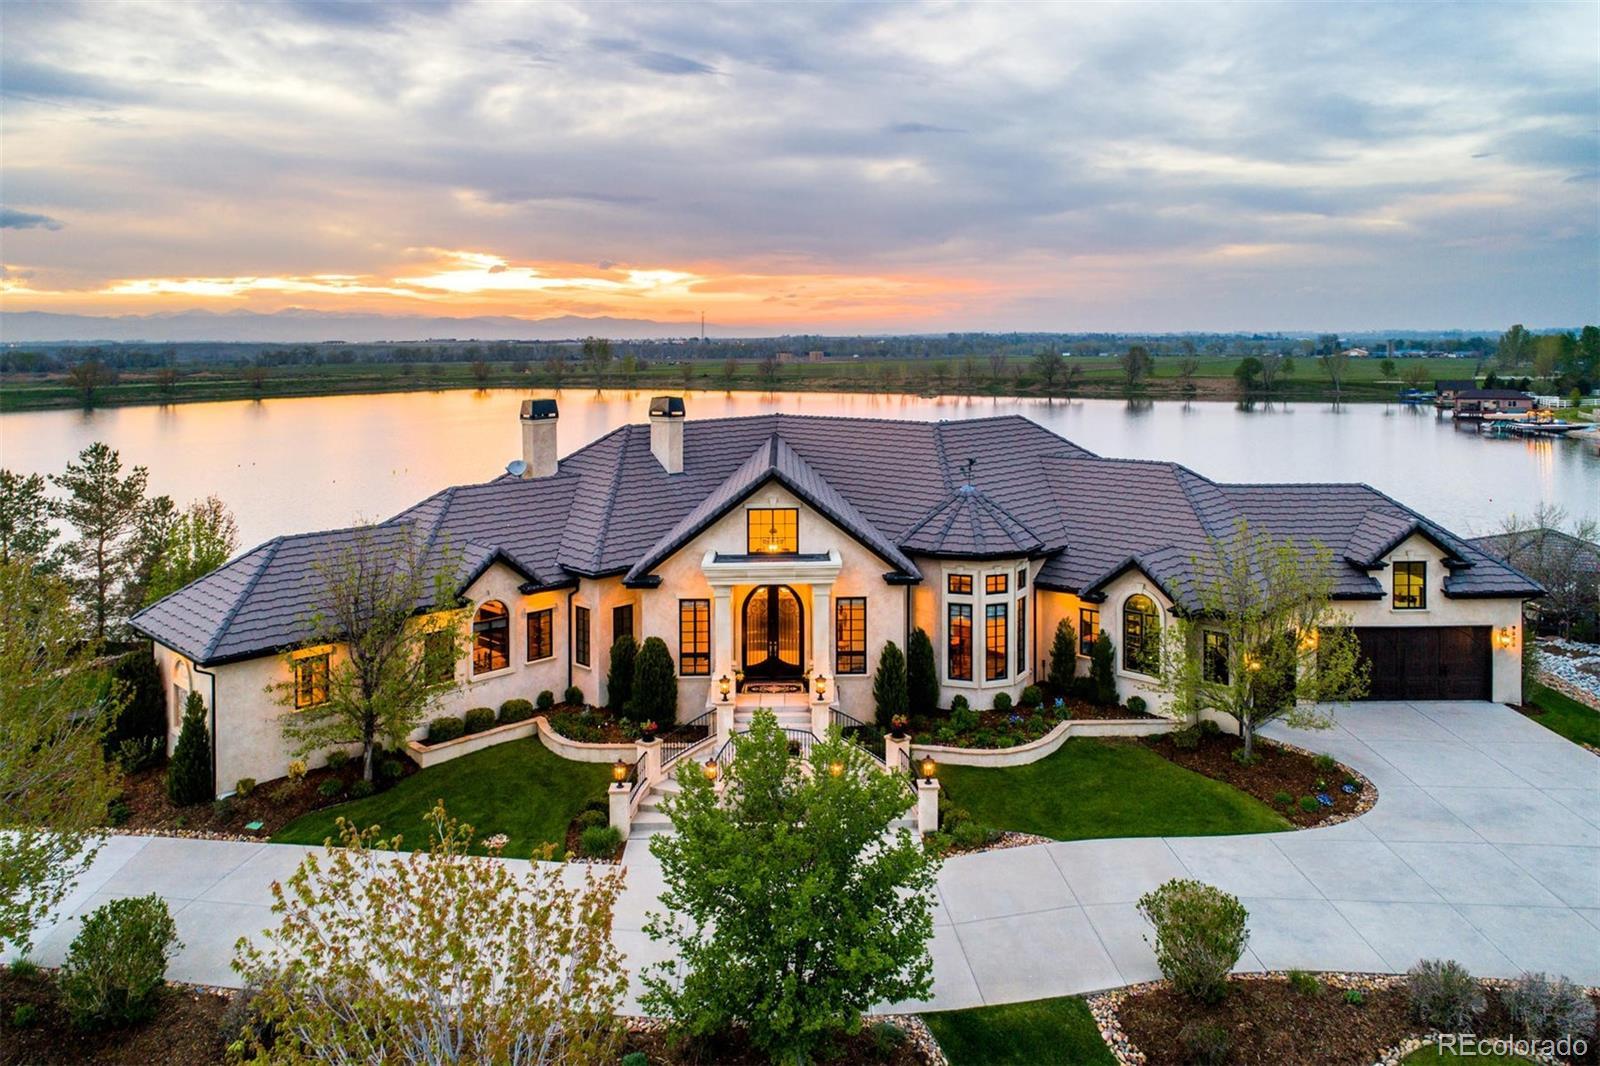 9825 Shoreline Drive, Longmont, CO 80504 - Longmont, CO real estate listing